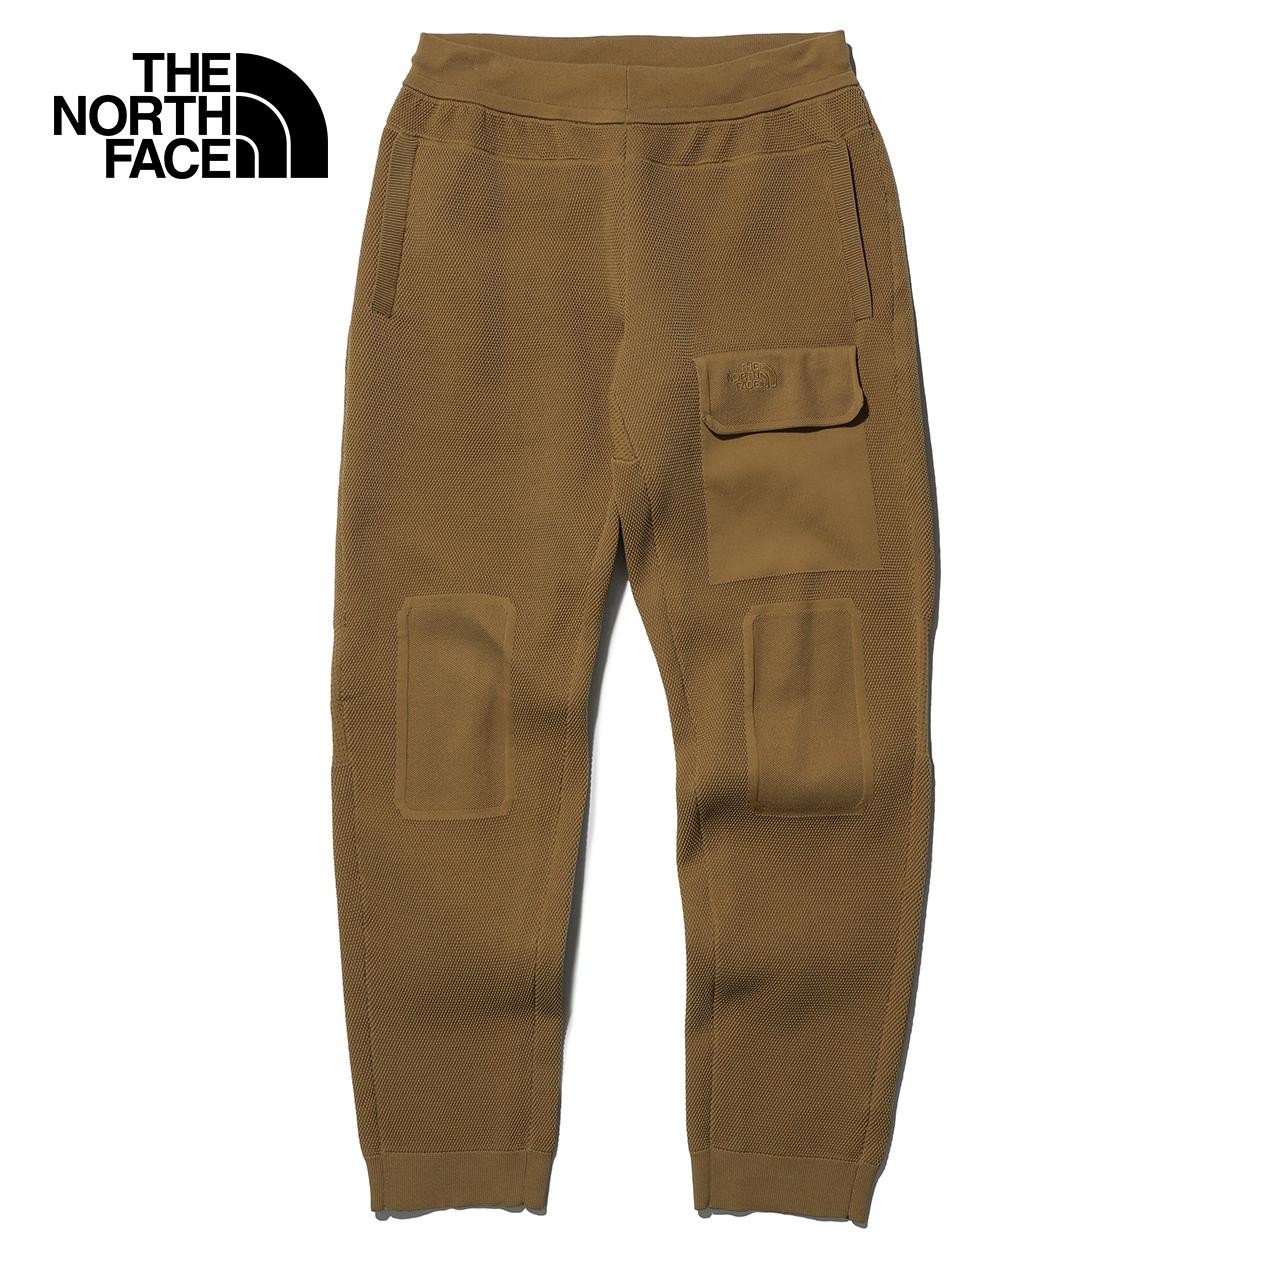 TheNorthFaceUE北面CITY S3 DOUBLE KNIT PANT男针织休闲裤|46DO